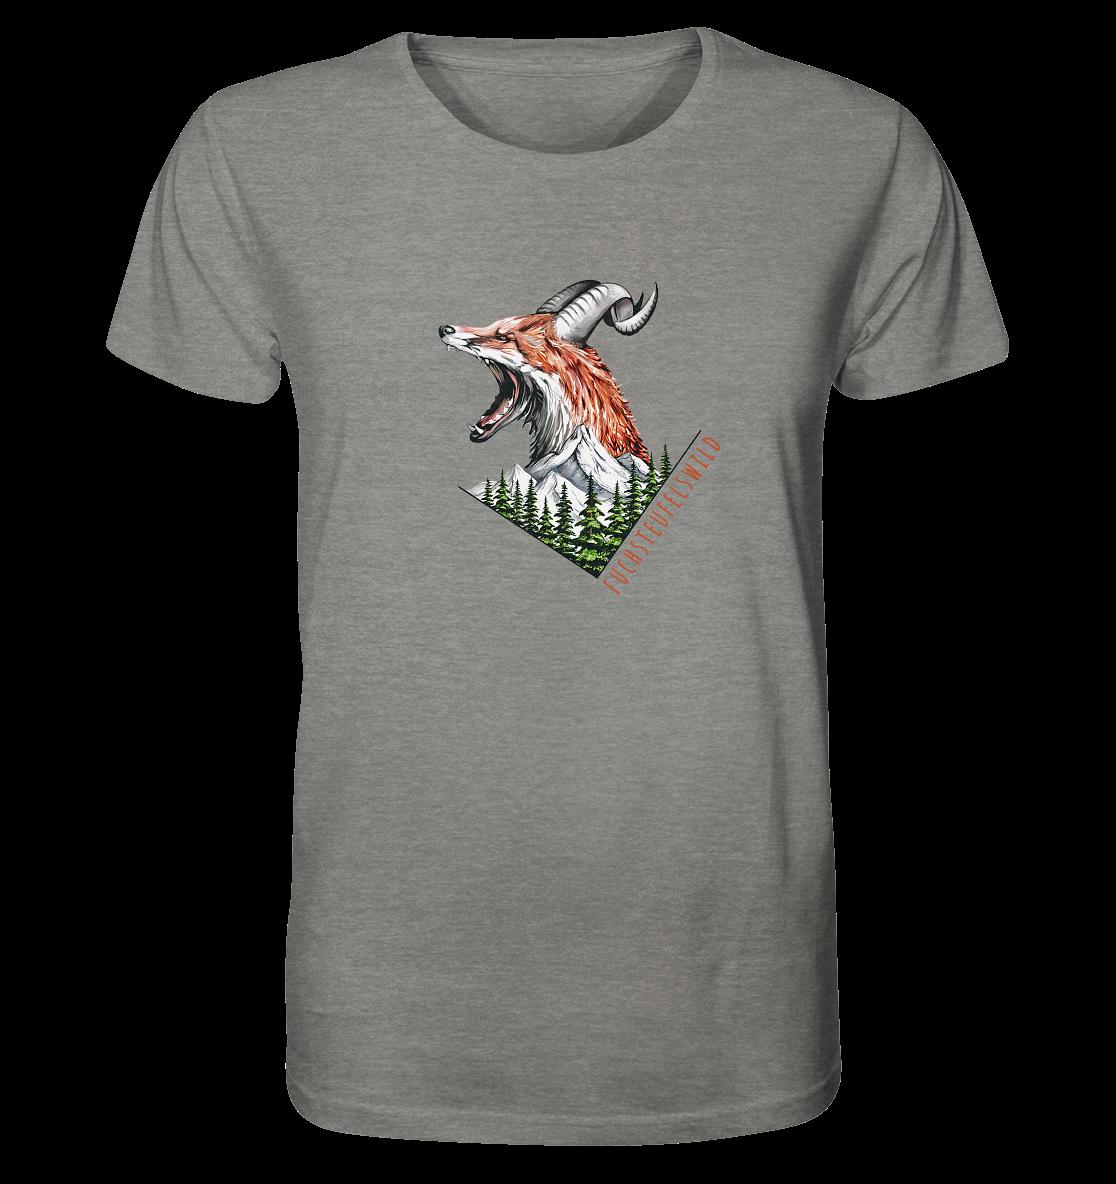 front-organic-shirt-meliert-818381-1116x-1.png